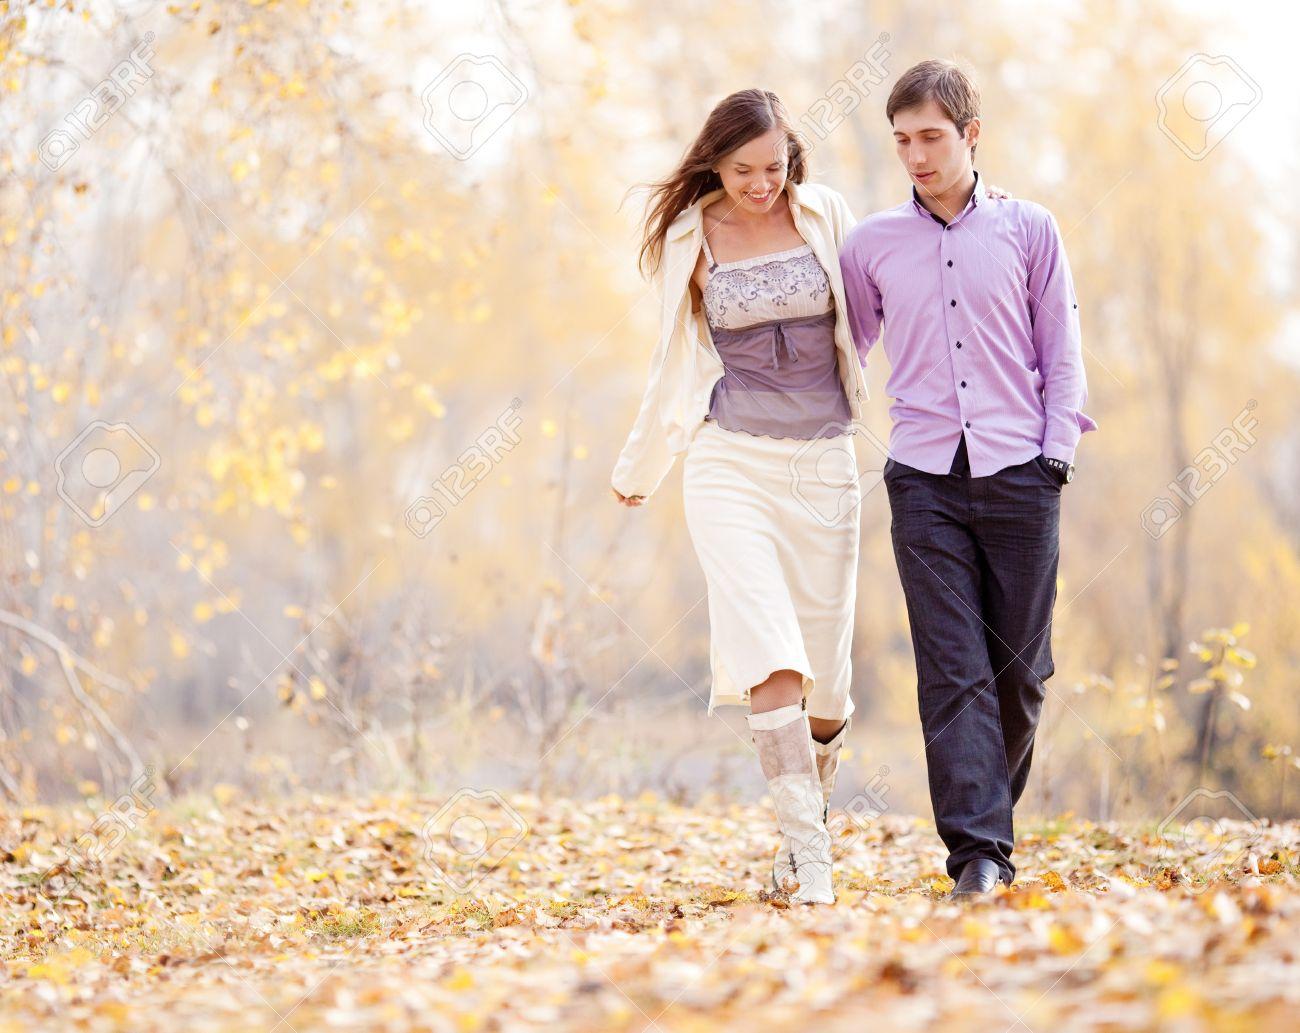 بالصور صور رومانسيه للعشاق , صور تعبر عن الحب والشغف بين العشاق 3283 7